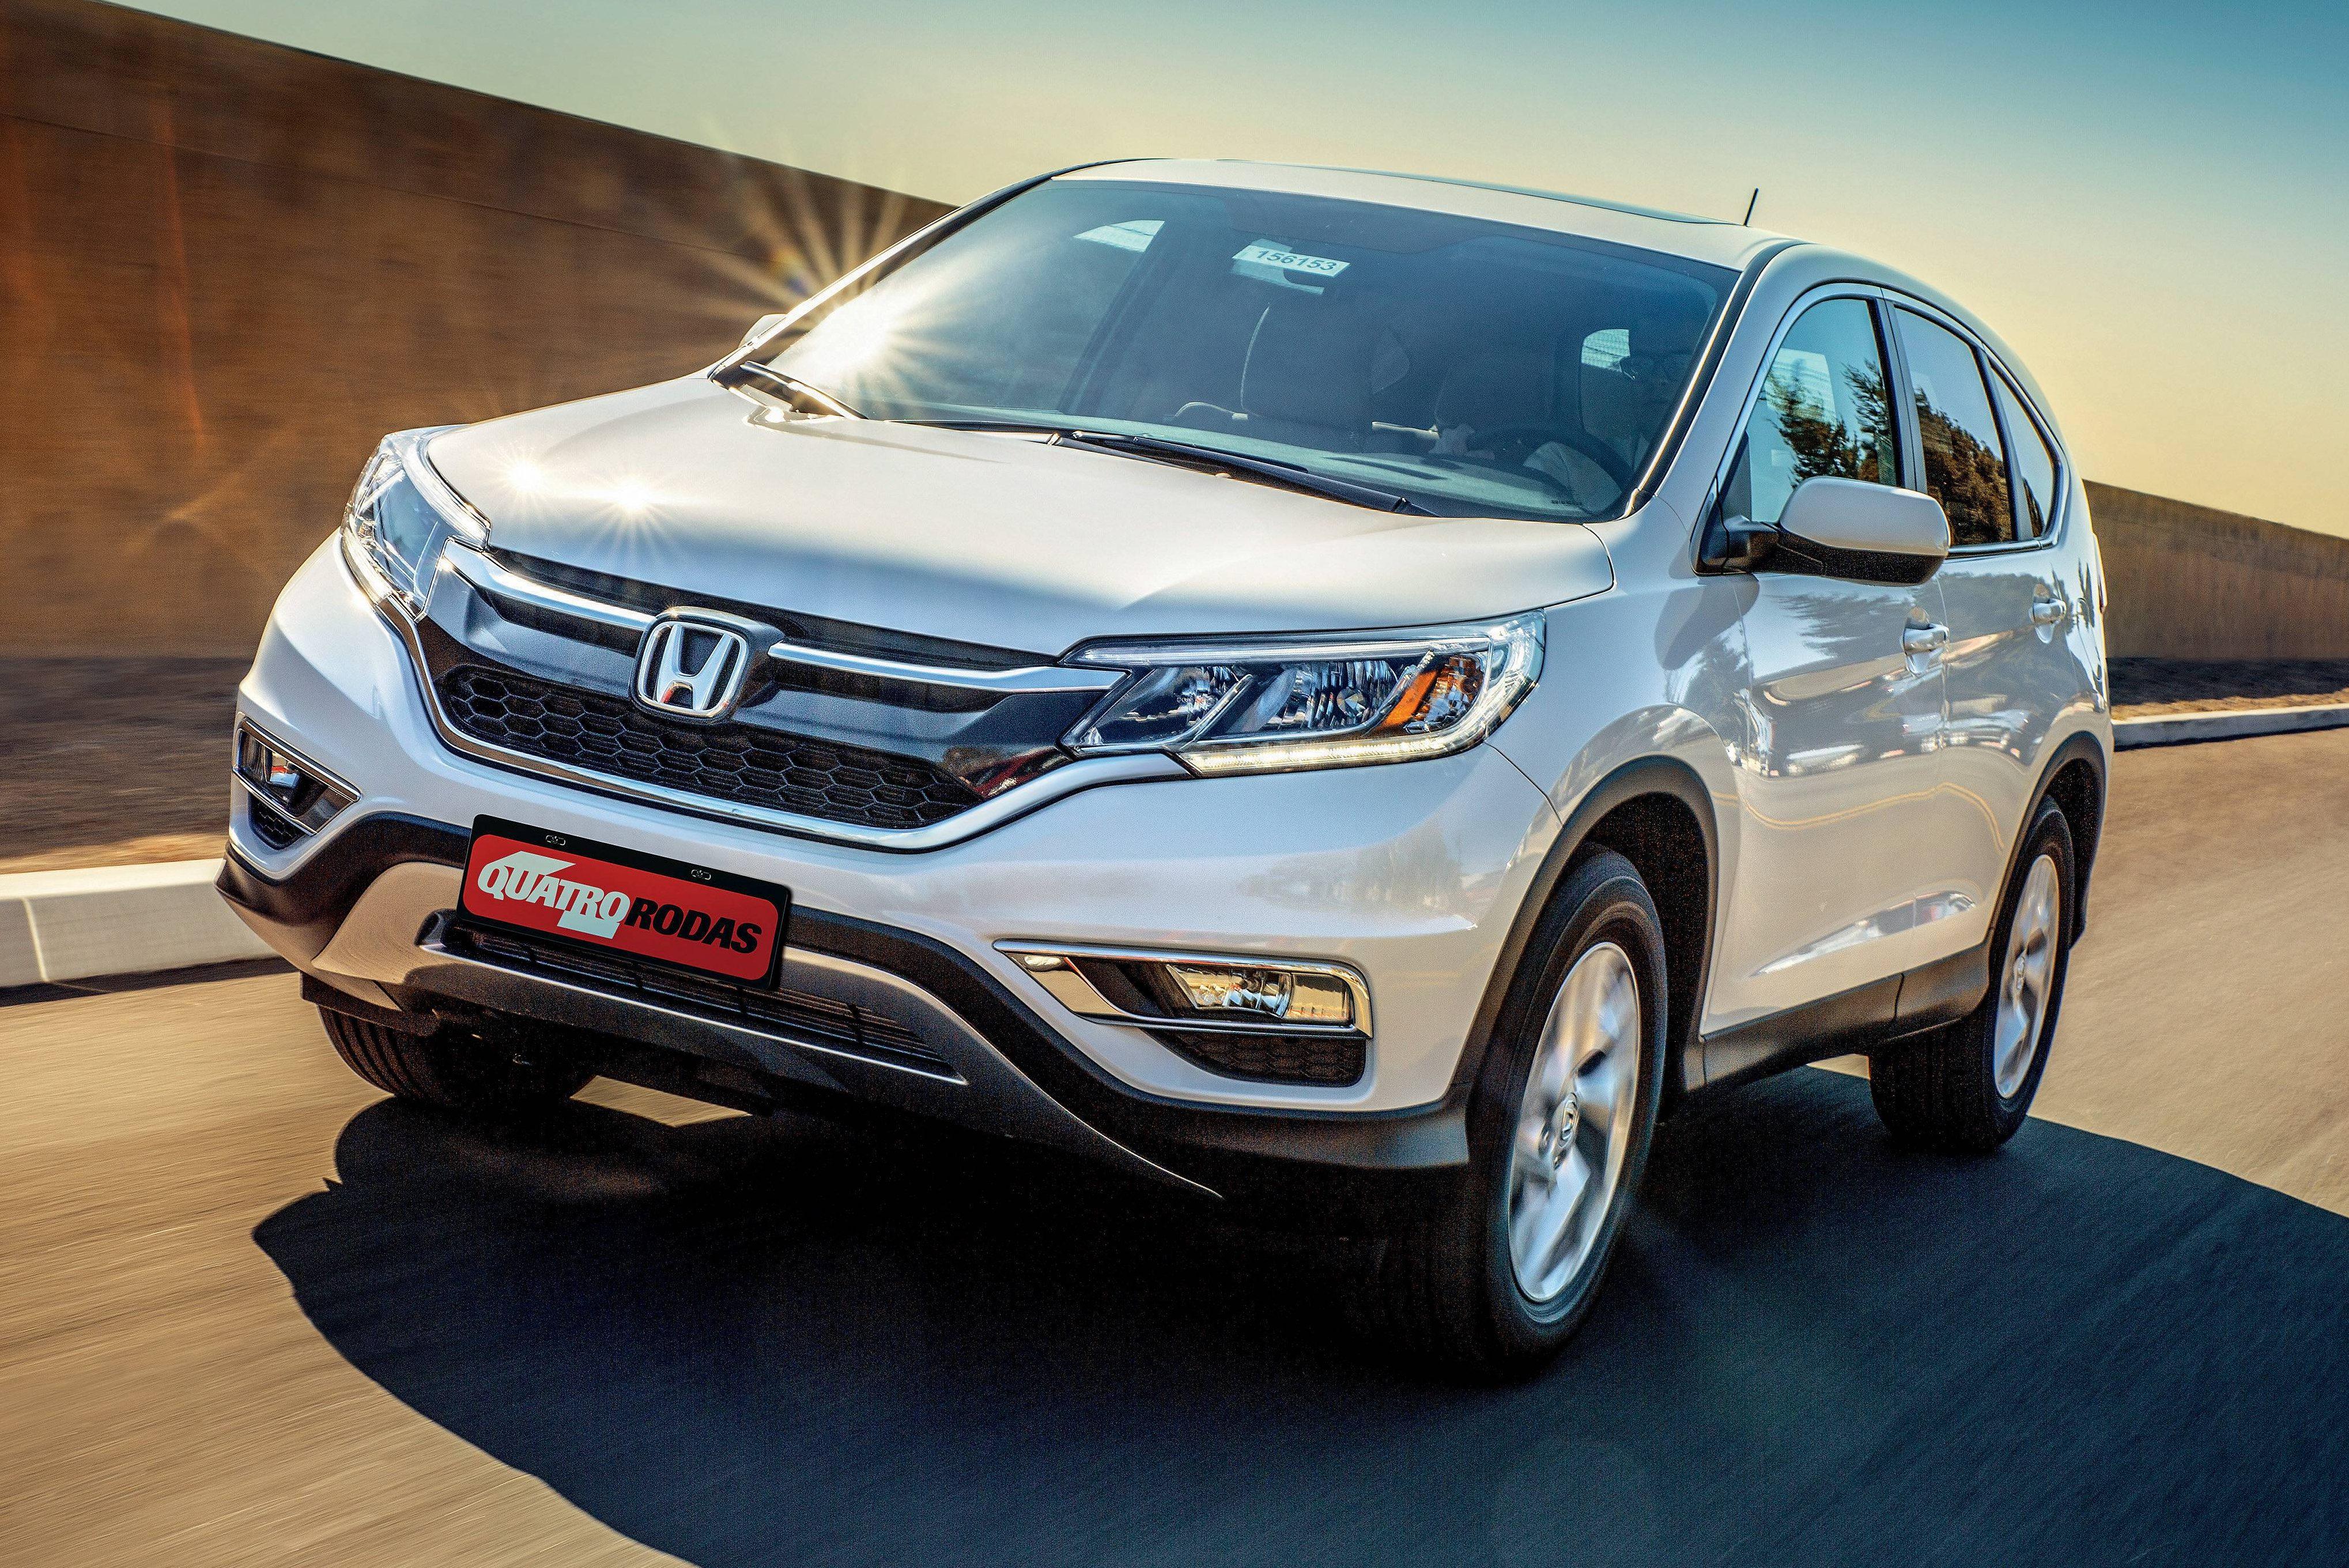 Guia De Usados Honda Cr V Traz Confiabilidade Do Civic Em Corpo De Suv Quatro Rodas